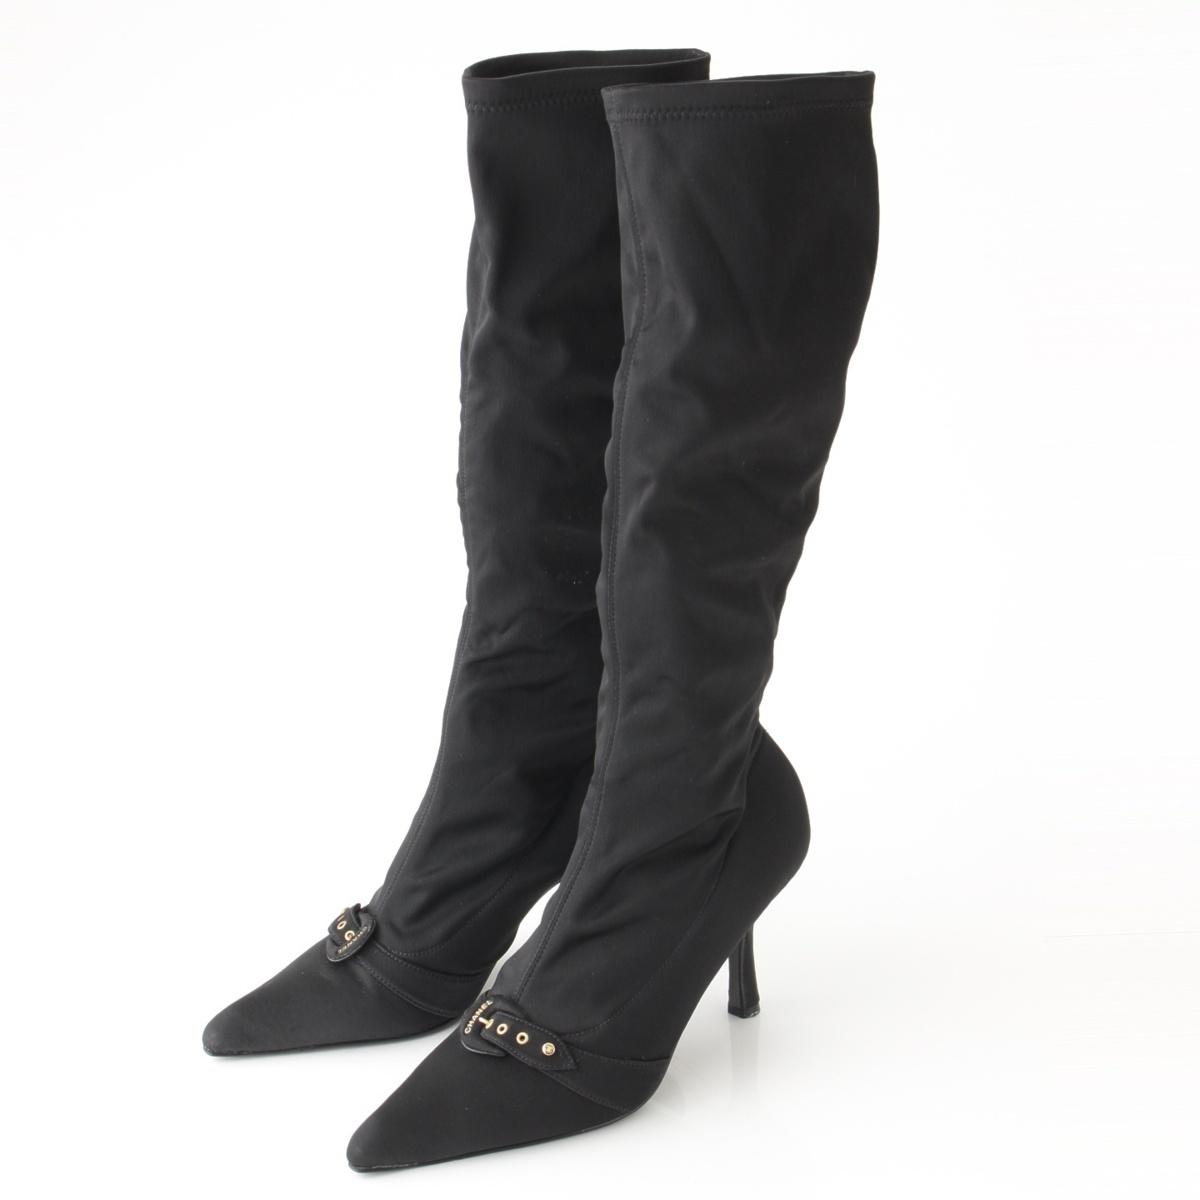 【シャネル】Chanel ポインテッドトゥ ナイロン ロングブーツ ブラック 37 1/2 【中古】【鑑定済・正規品保証】60045